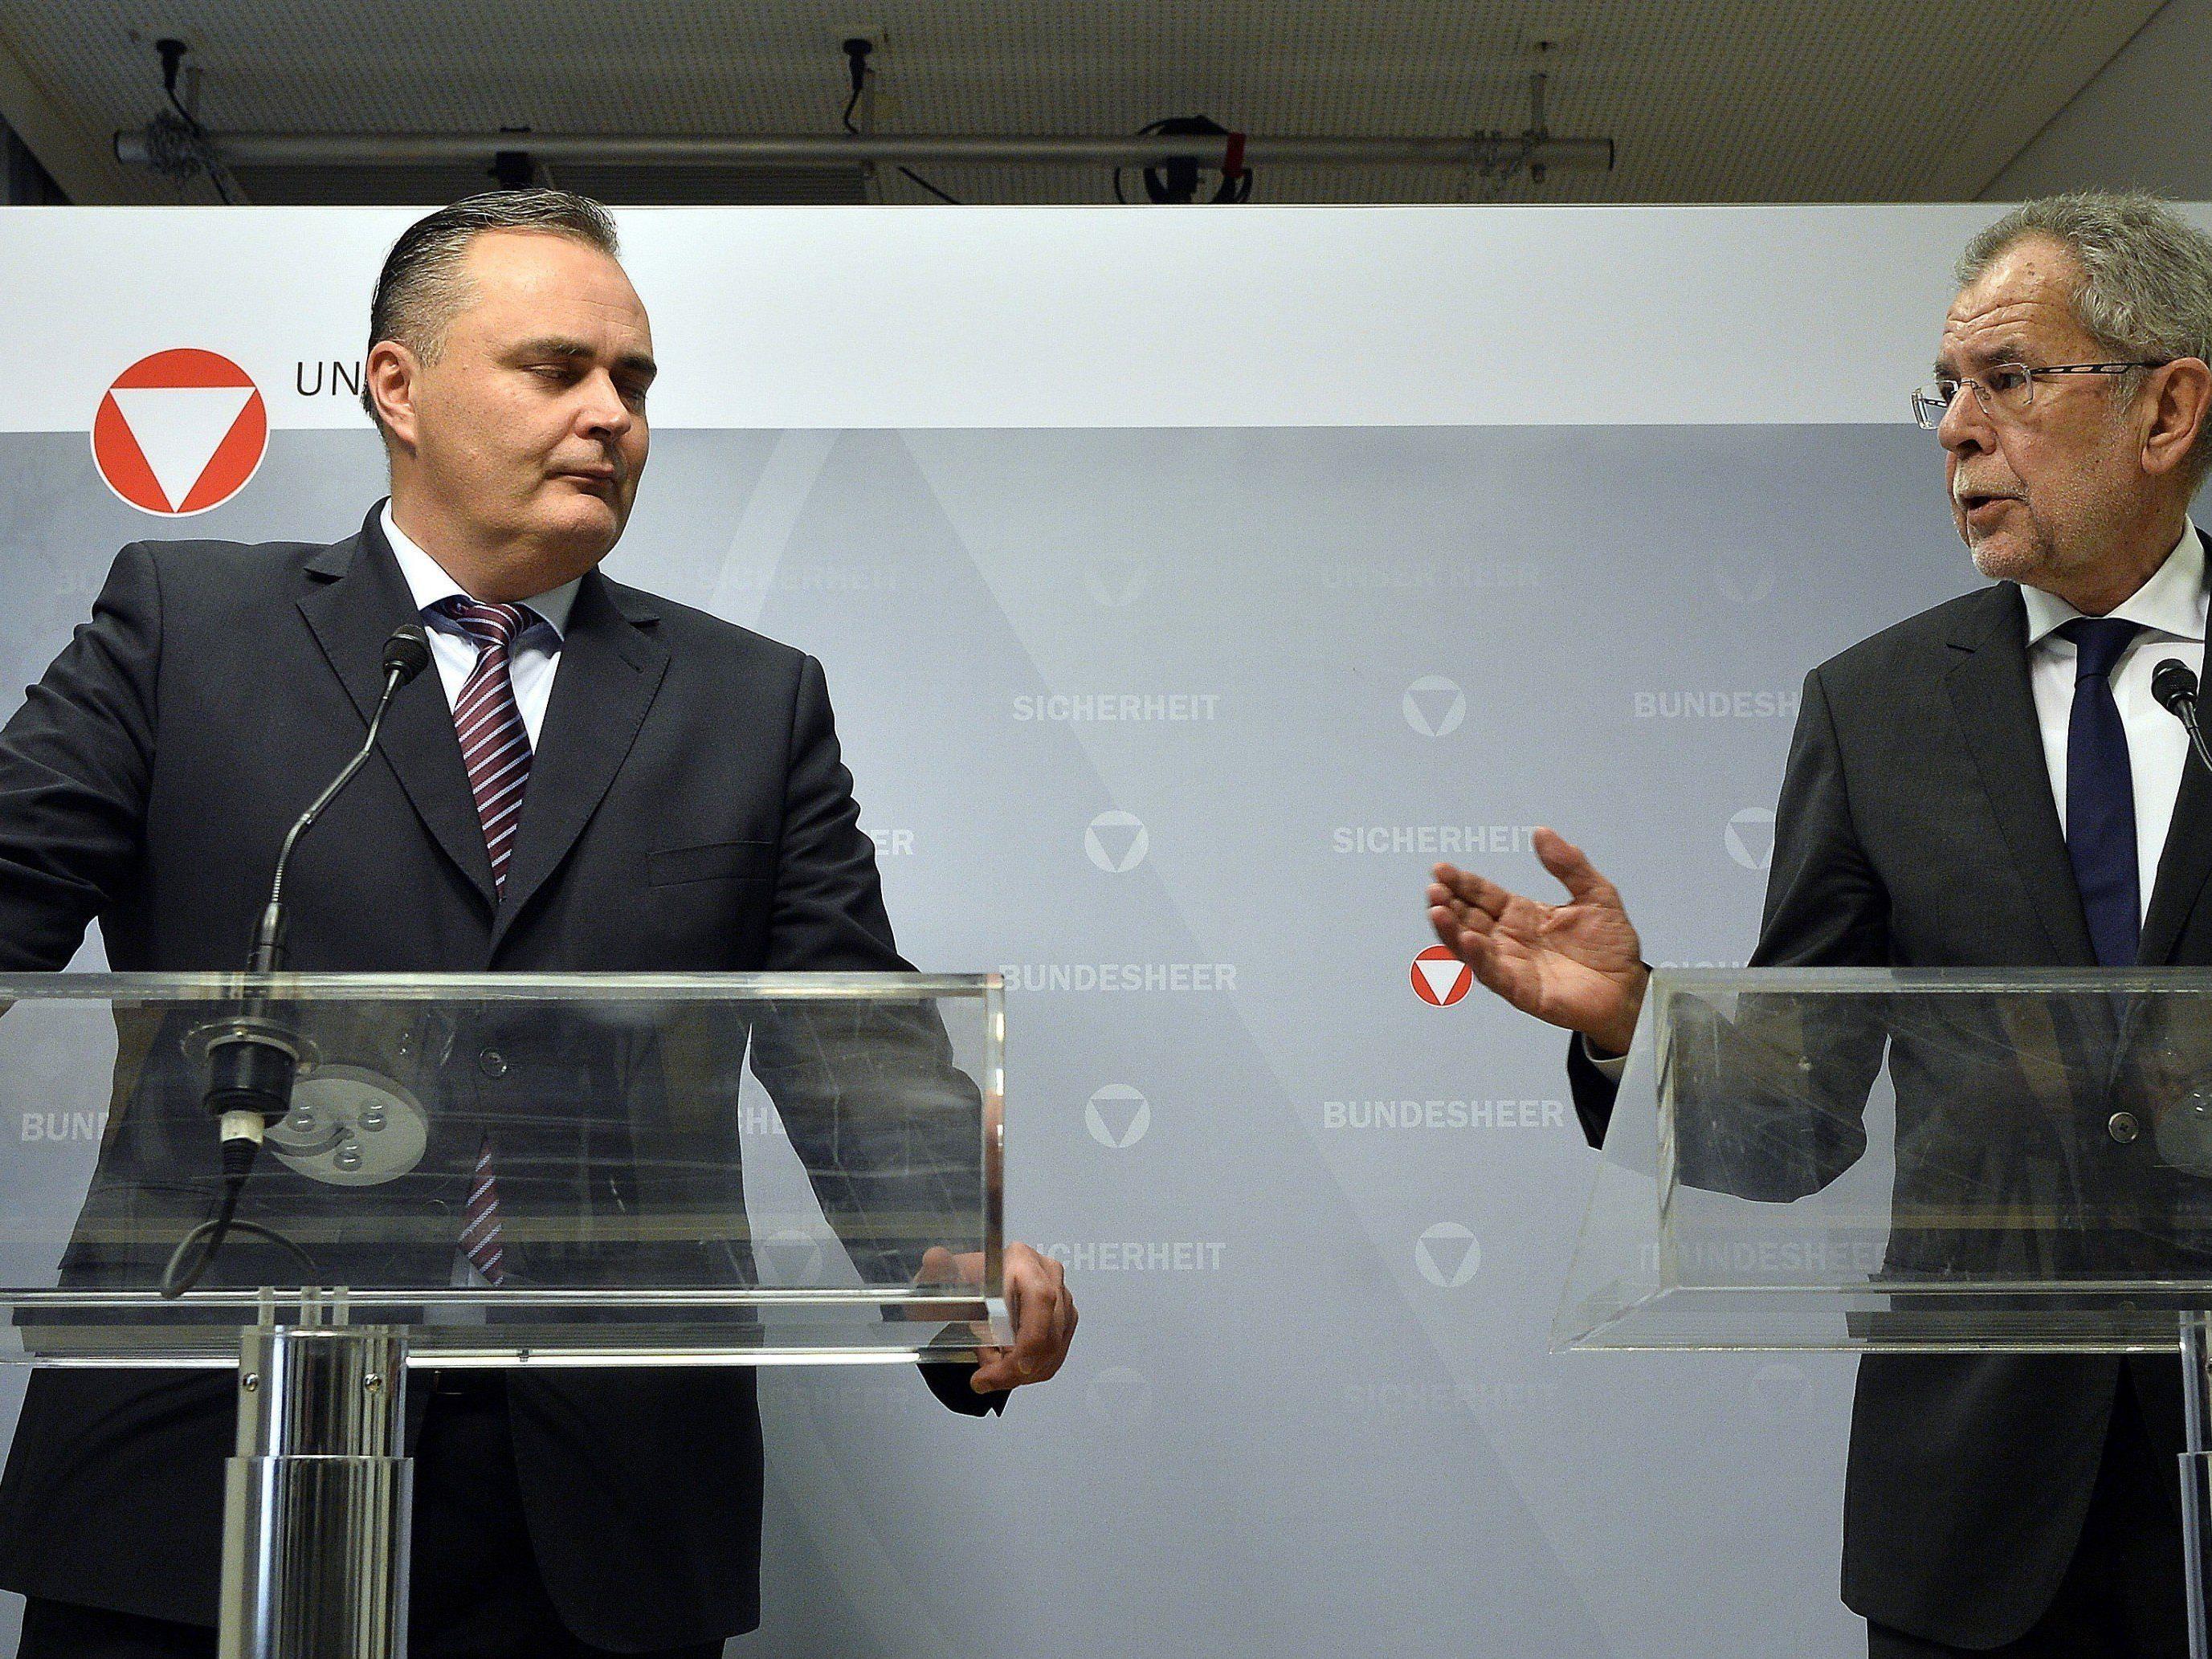 Van der Bellen traf die Entscheidung im Einvernehmen mit im Einvernehmen mit Verteidigungsminister Hans Peter Doskozil